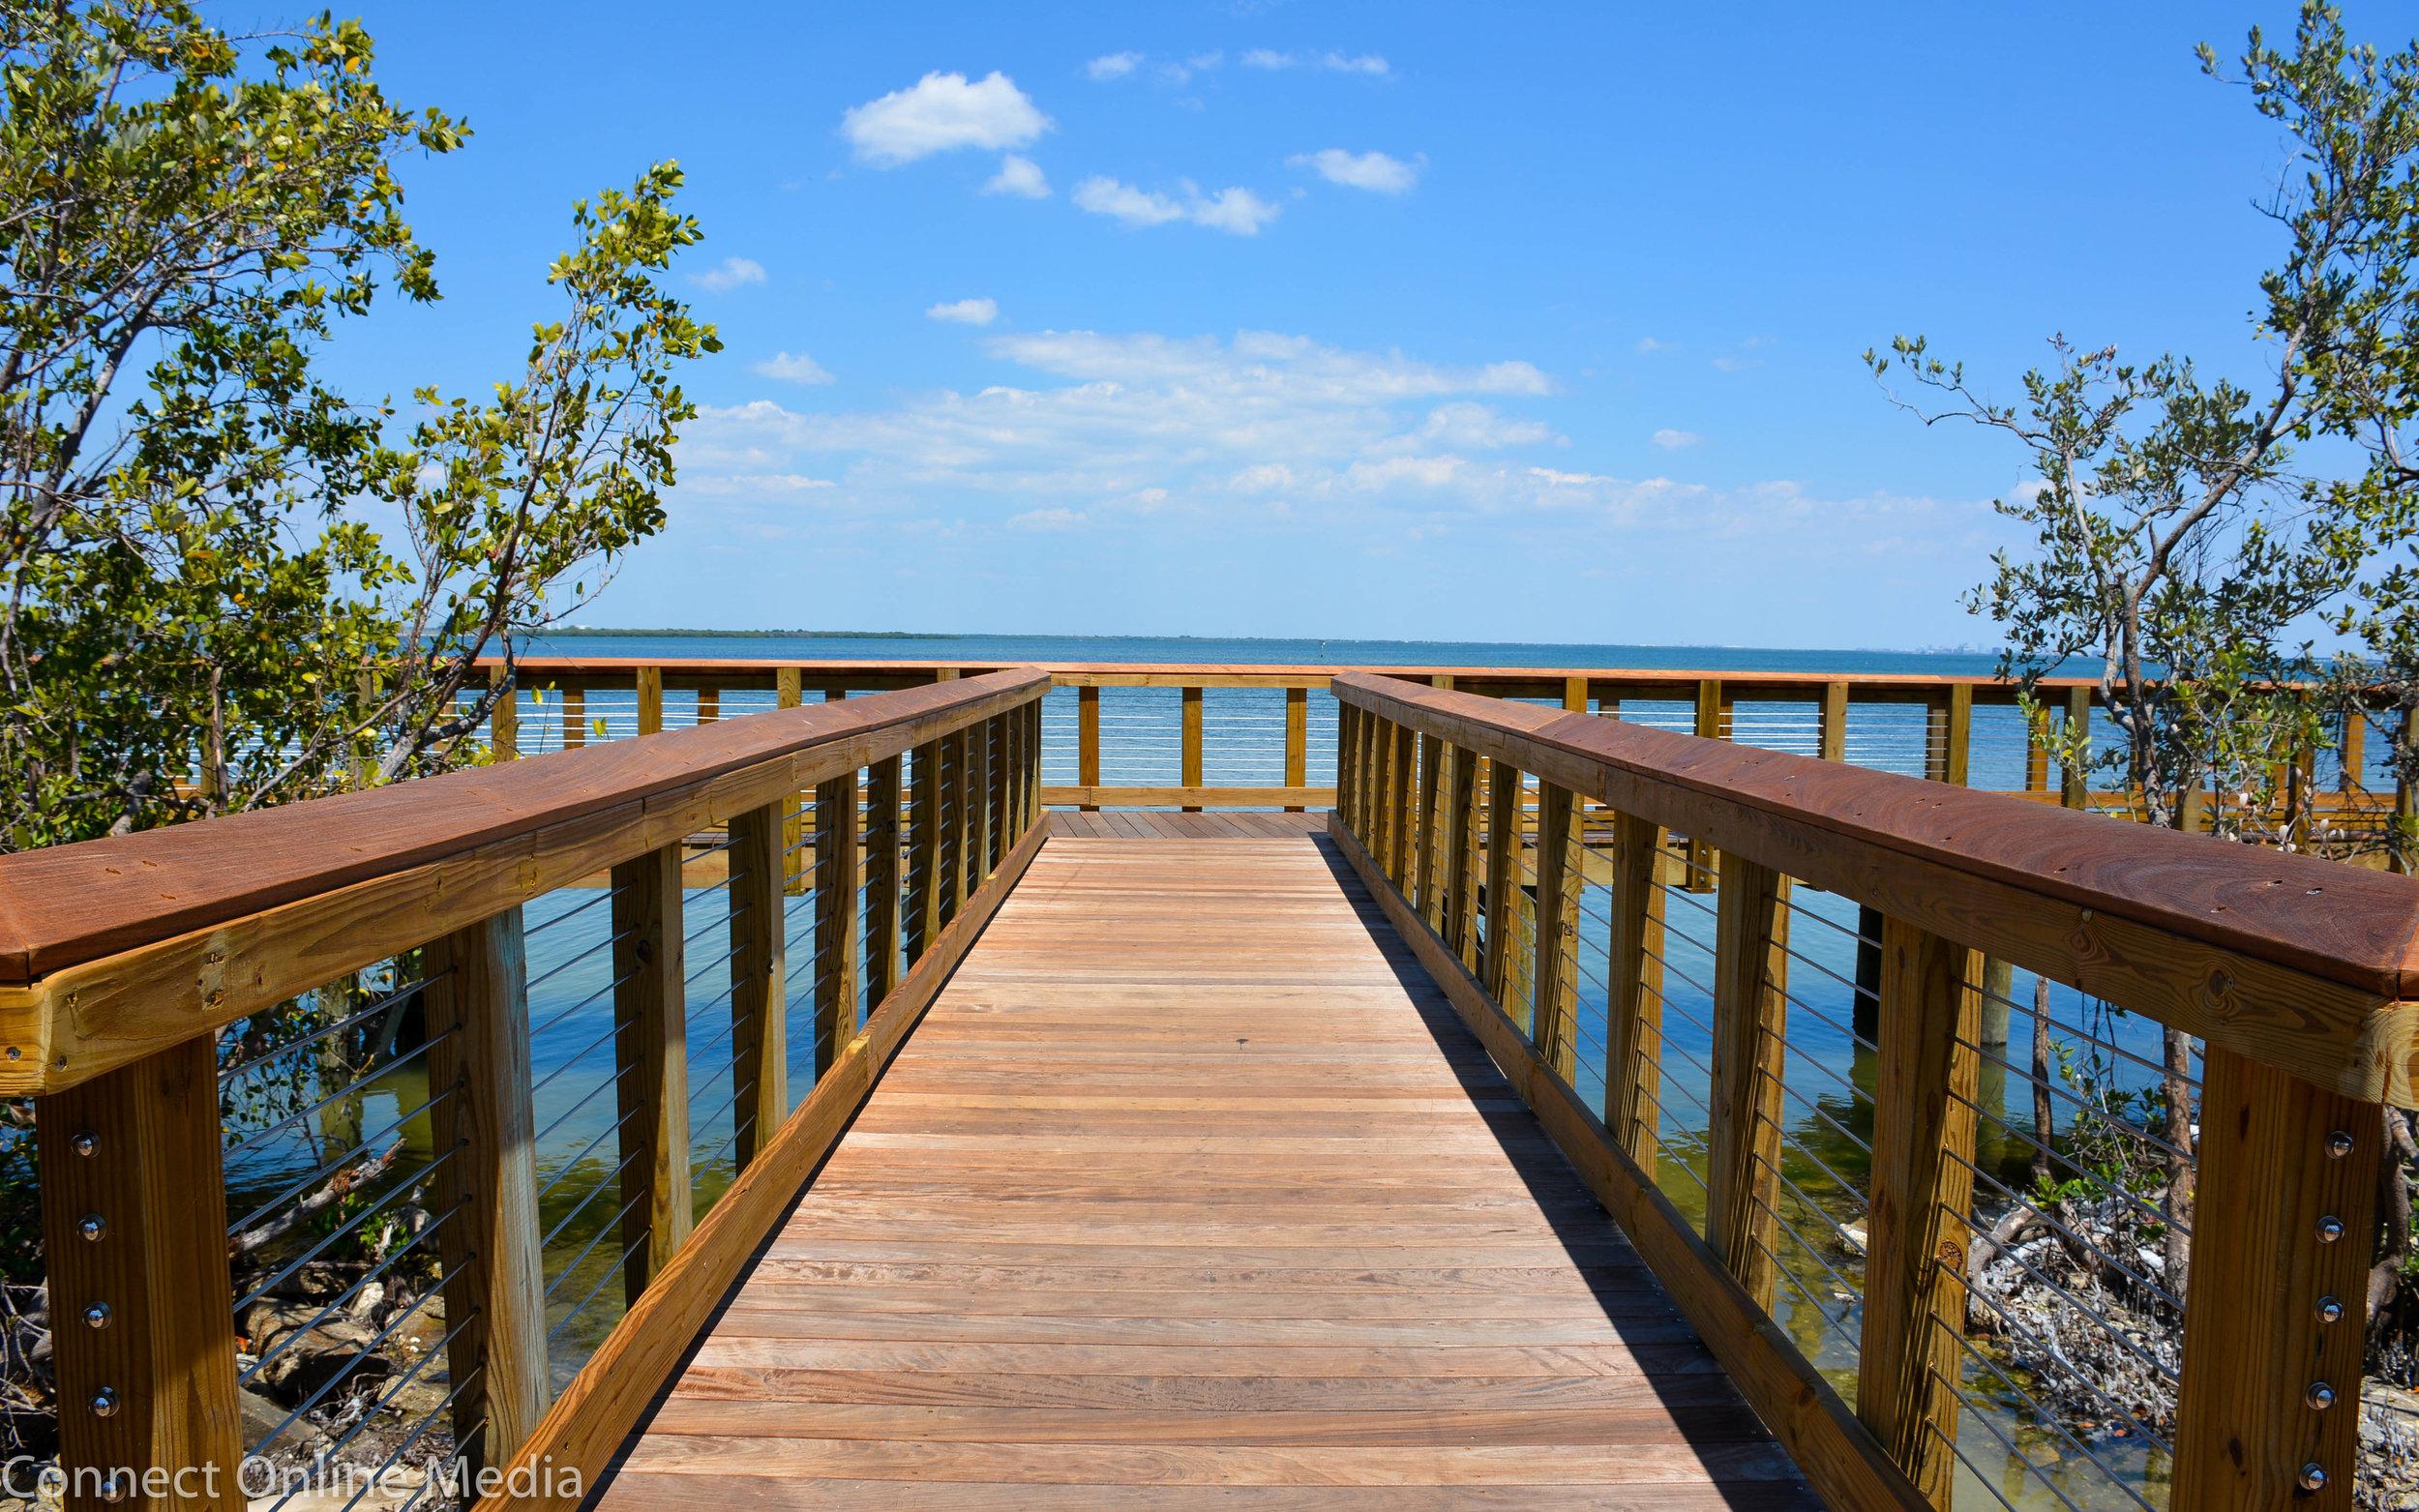 Safety-Harbor-Waterfront-Park-boardwalk-3.jpg